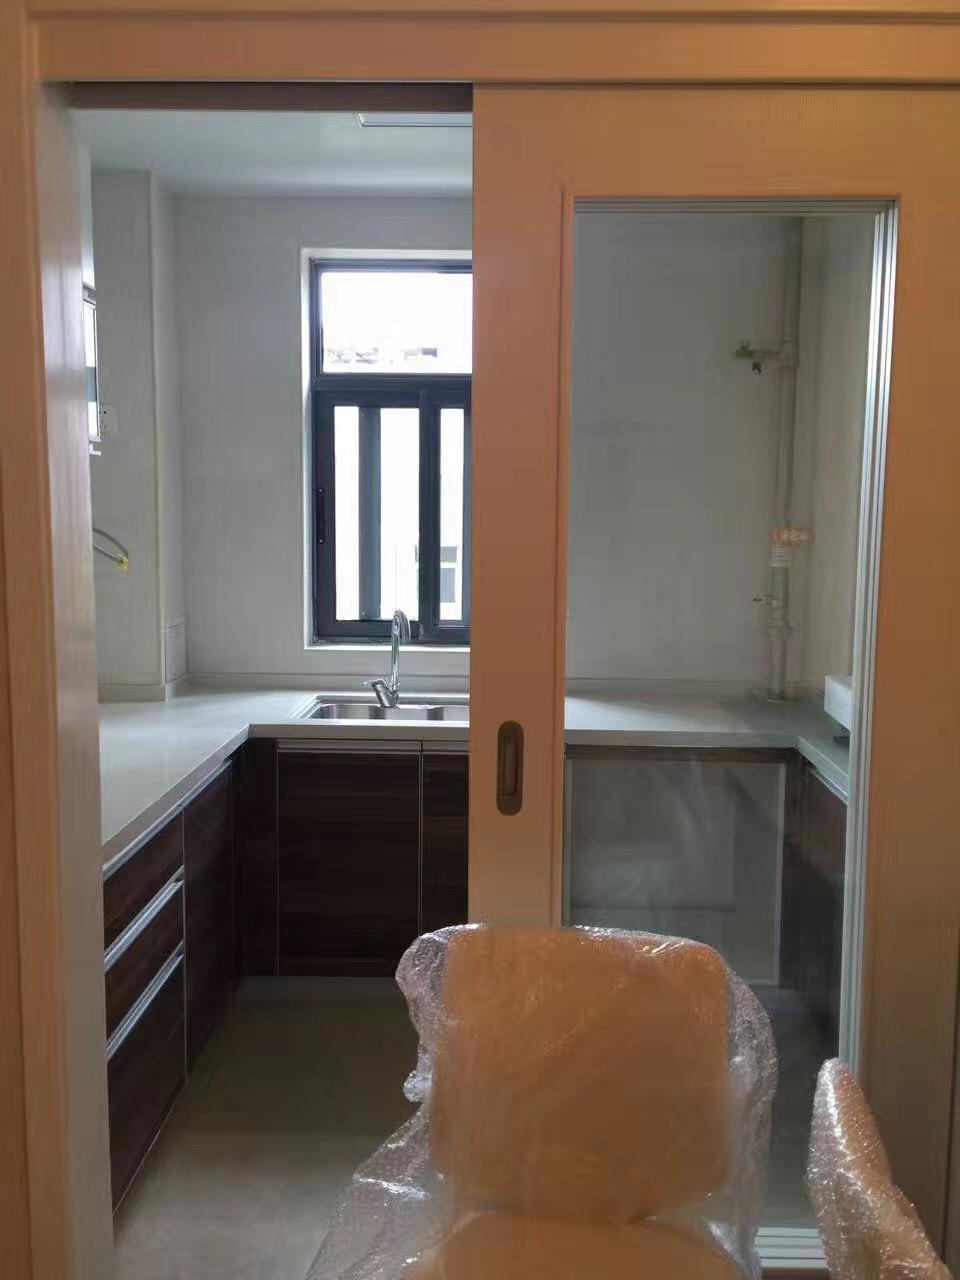 爱空间标准化的厨房,科宝的橱柜,老板的烟机灶具是标配。